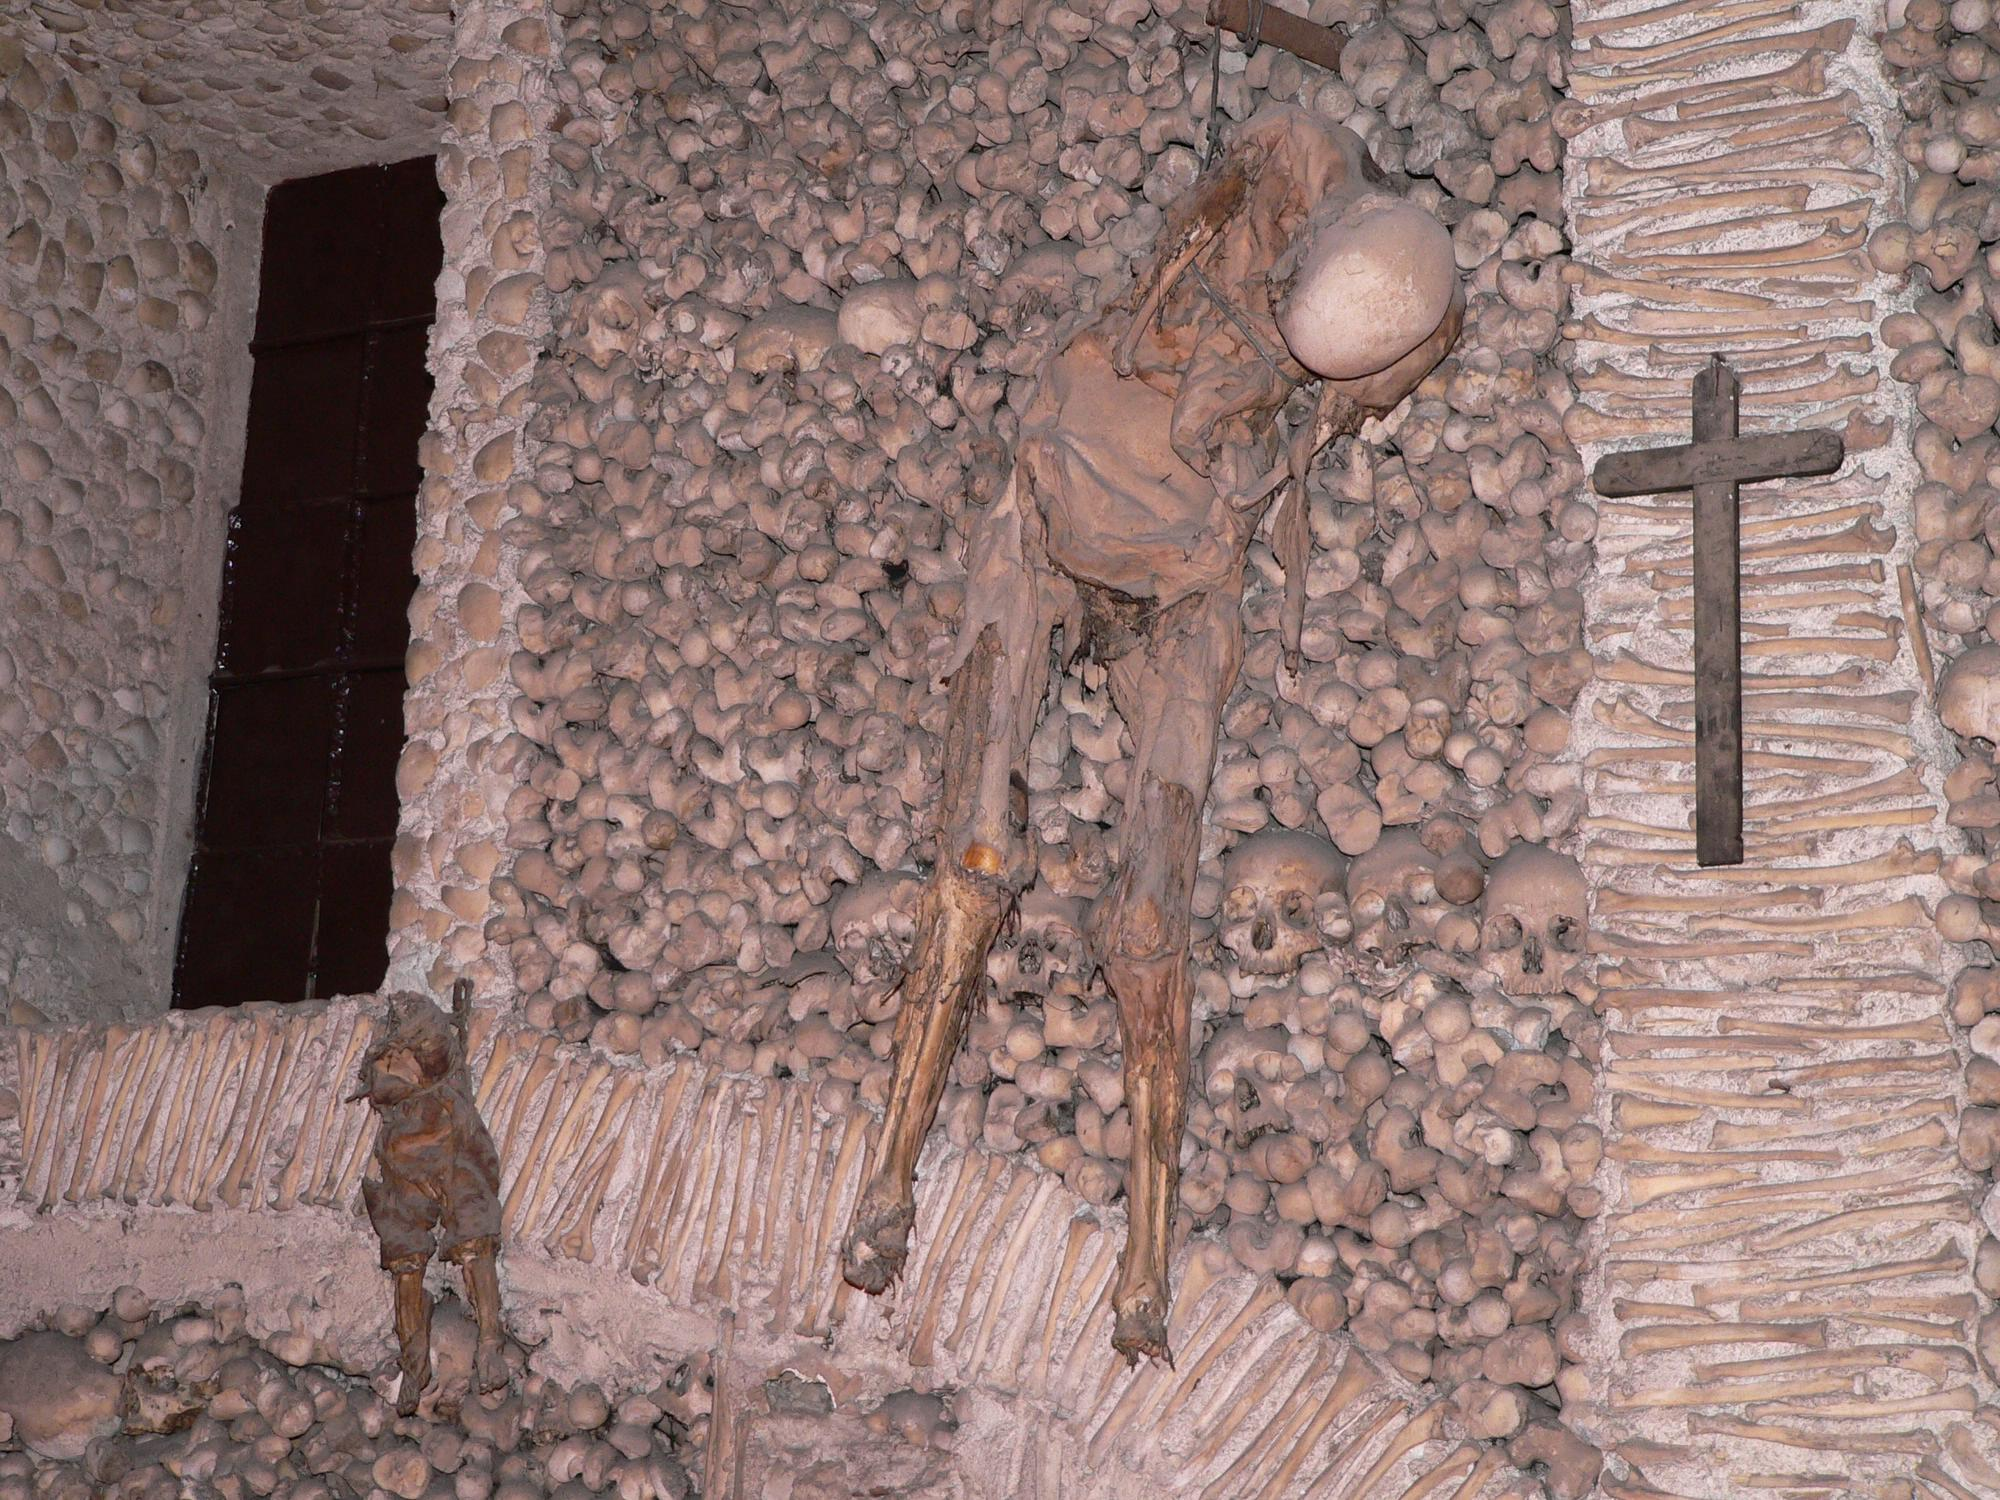 мумии в часовне костей